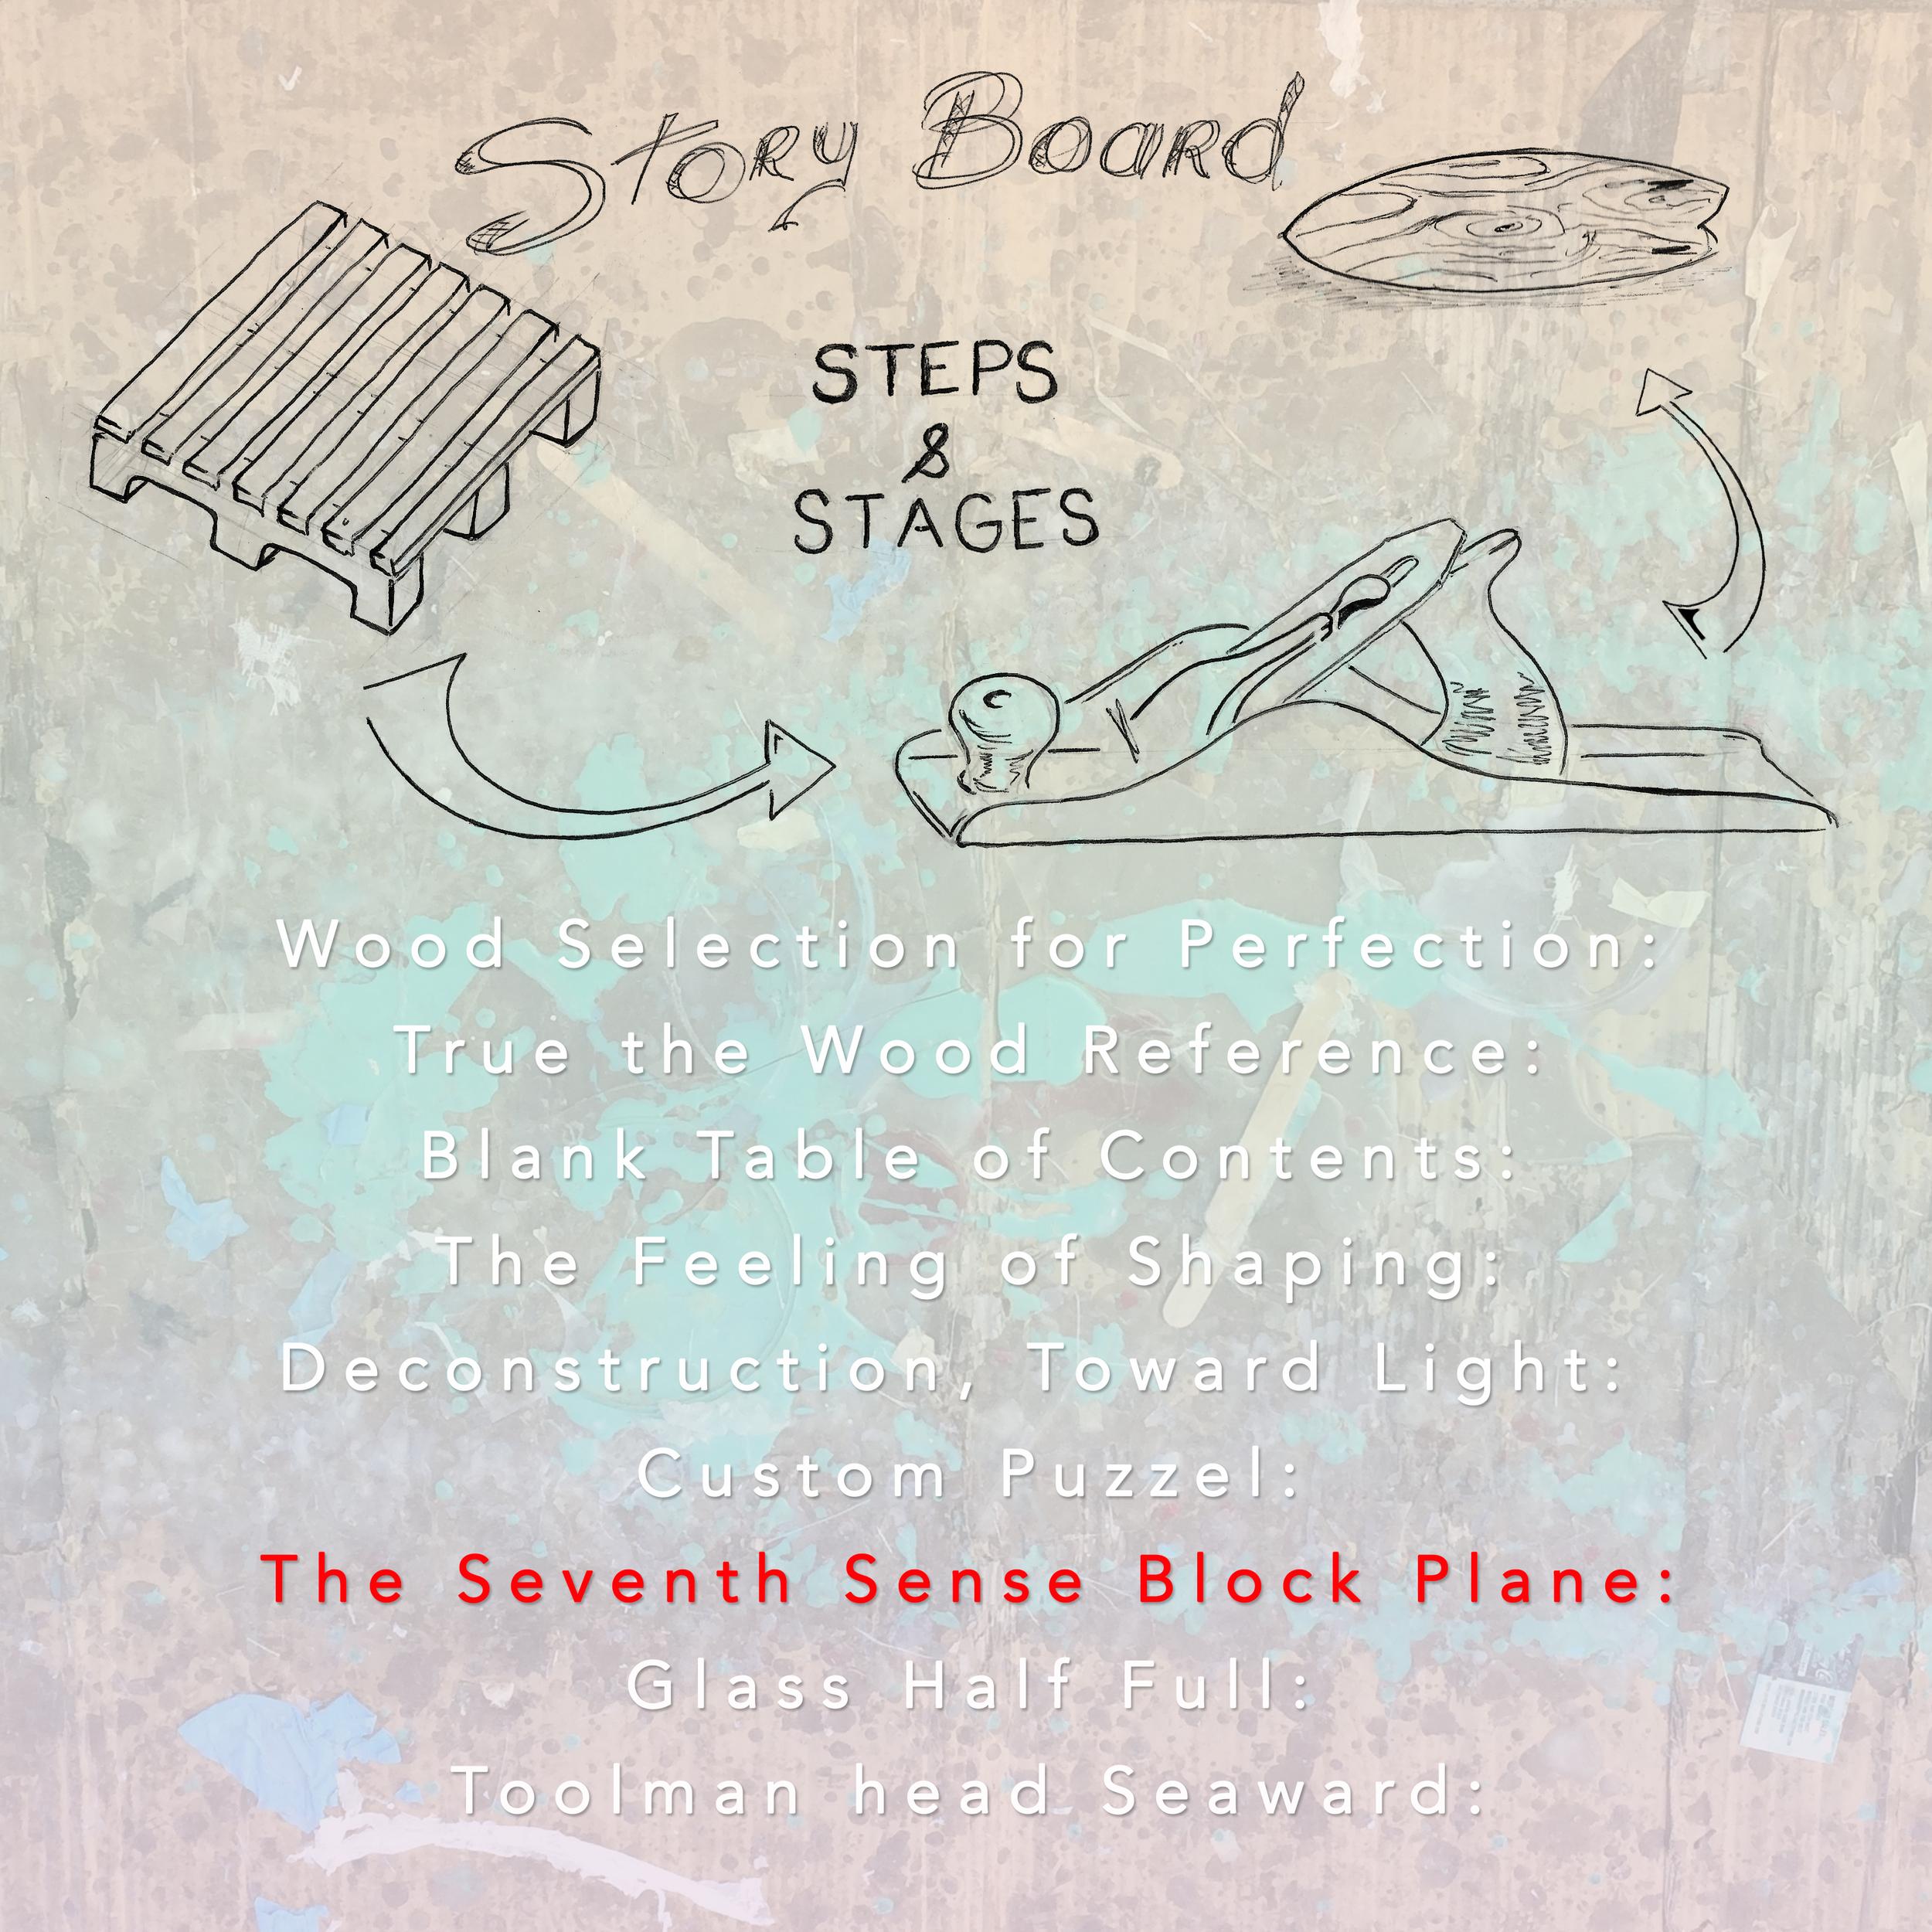 Seventh Sense-Block Plane